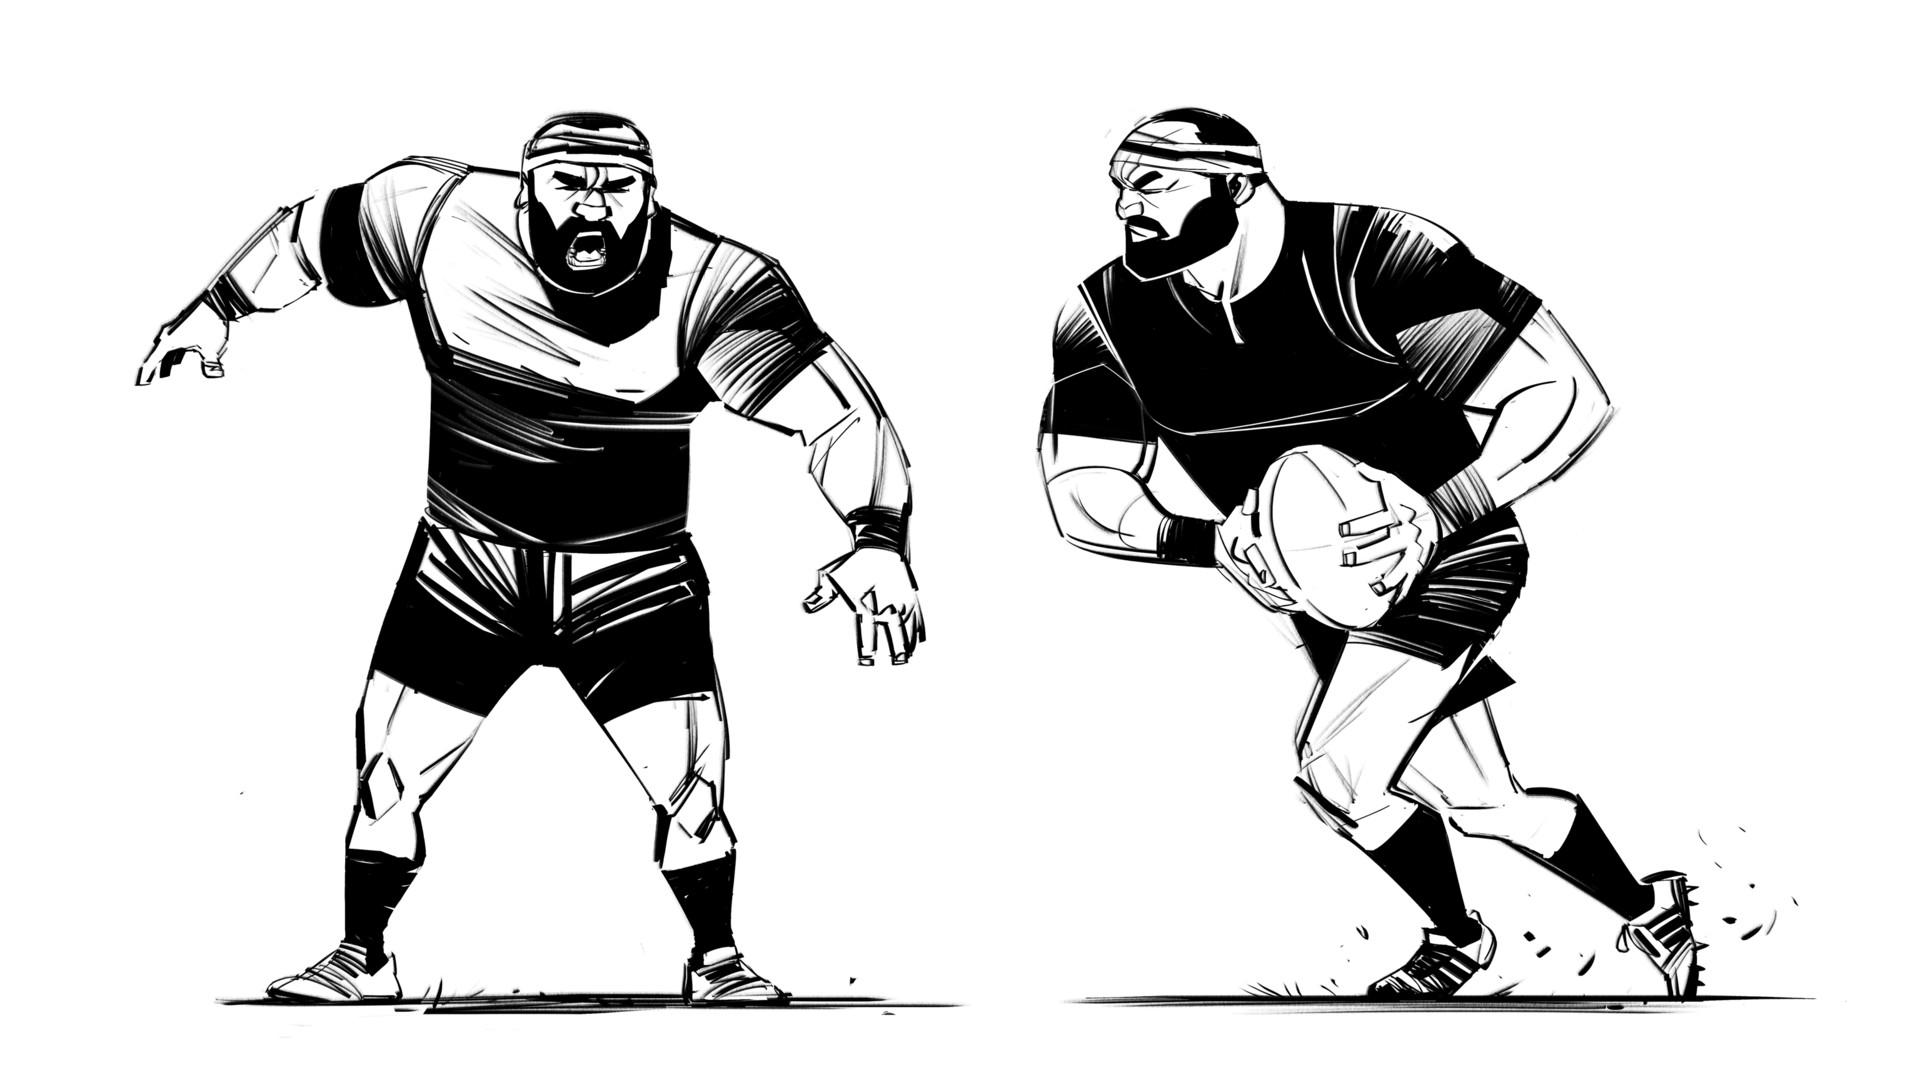 Renaud roche sketches06